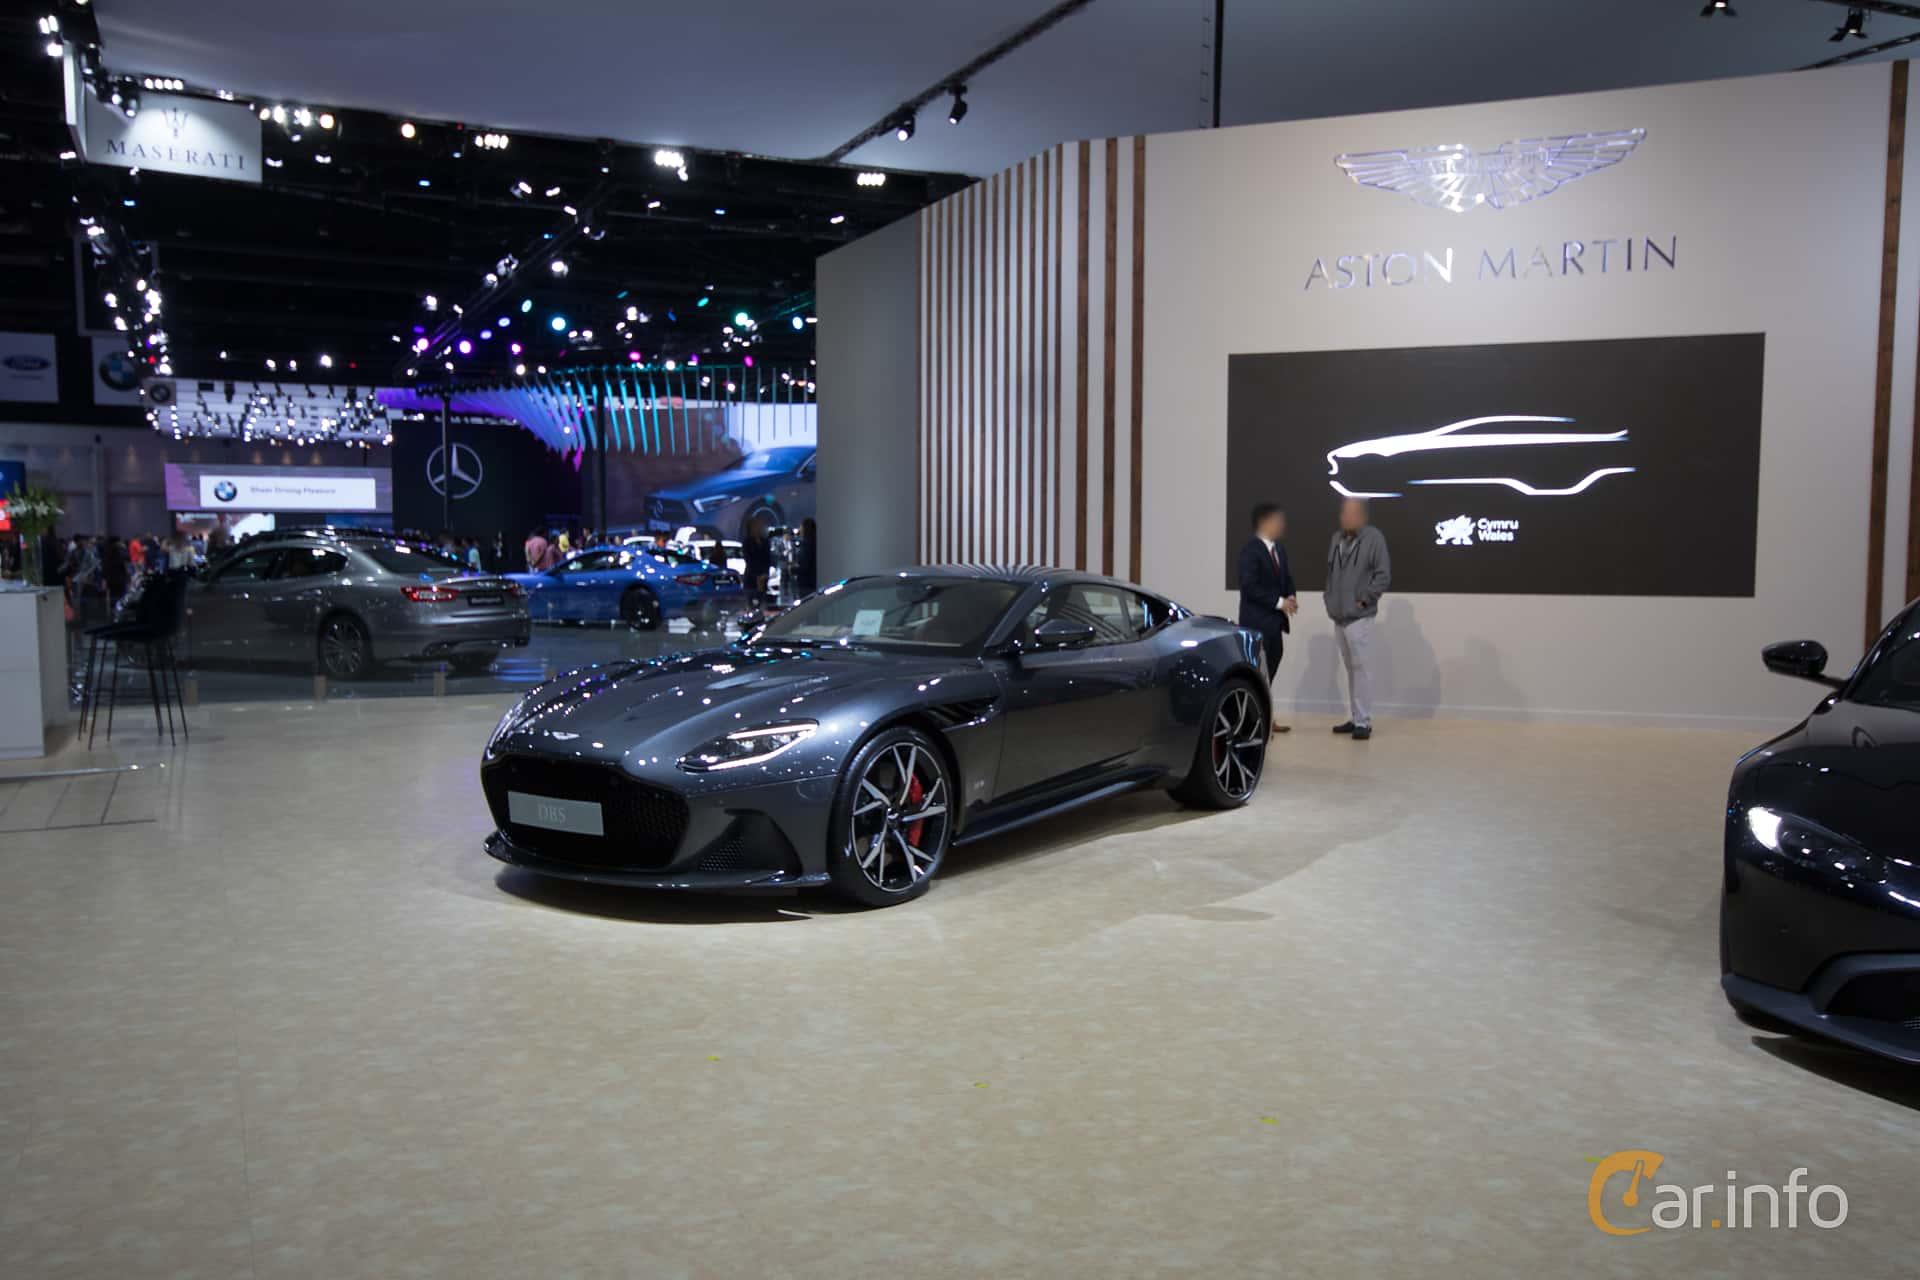 Front/Side  of Aston Martin DBS Superleggera 5.2 V12 Automatic, 725ps, 2019 at Bangkok Motor Show 2019